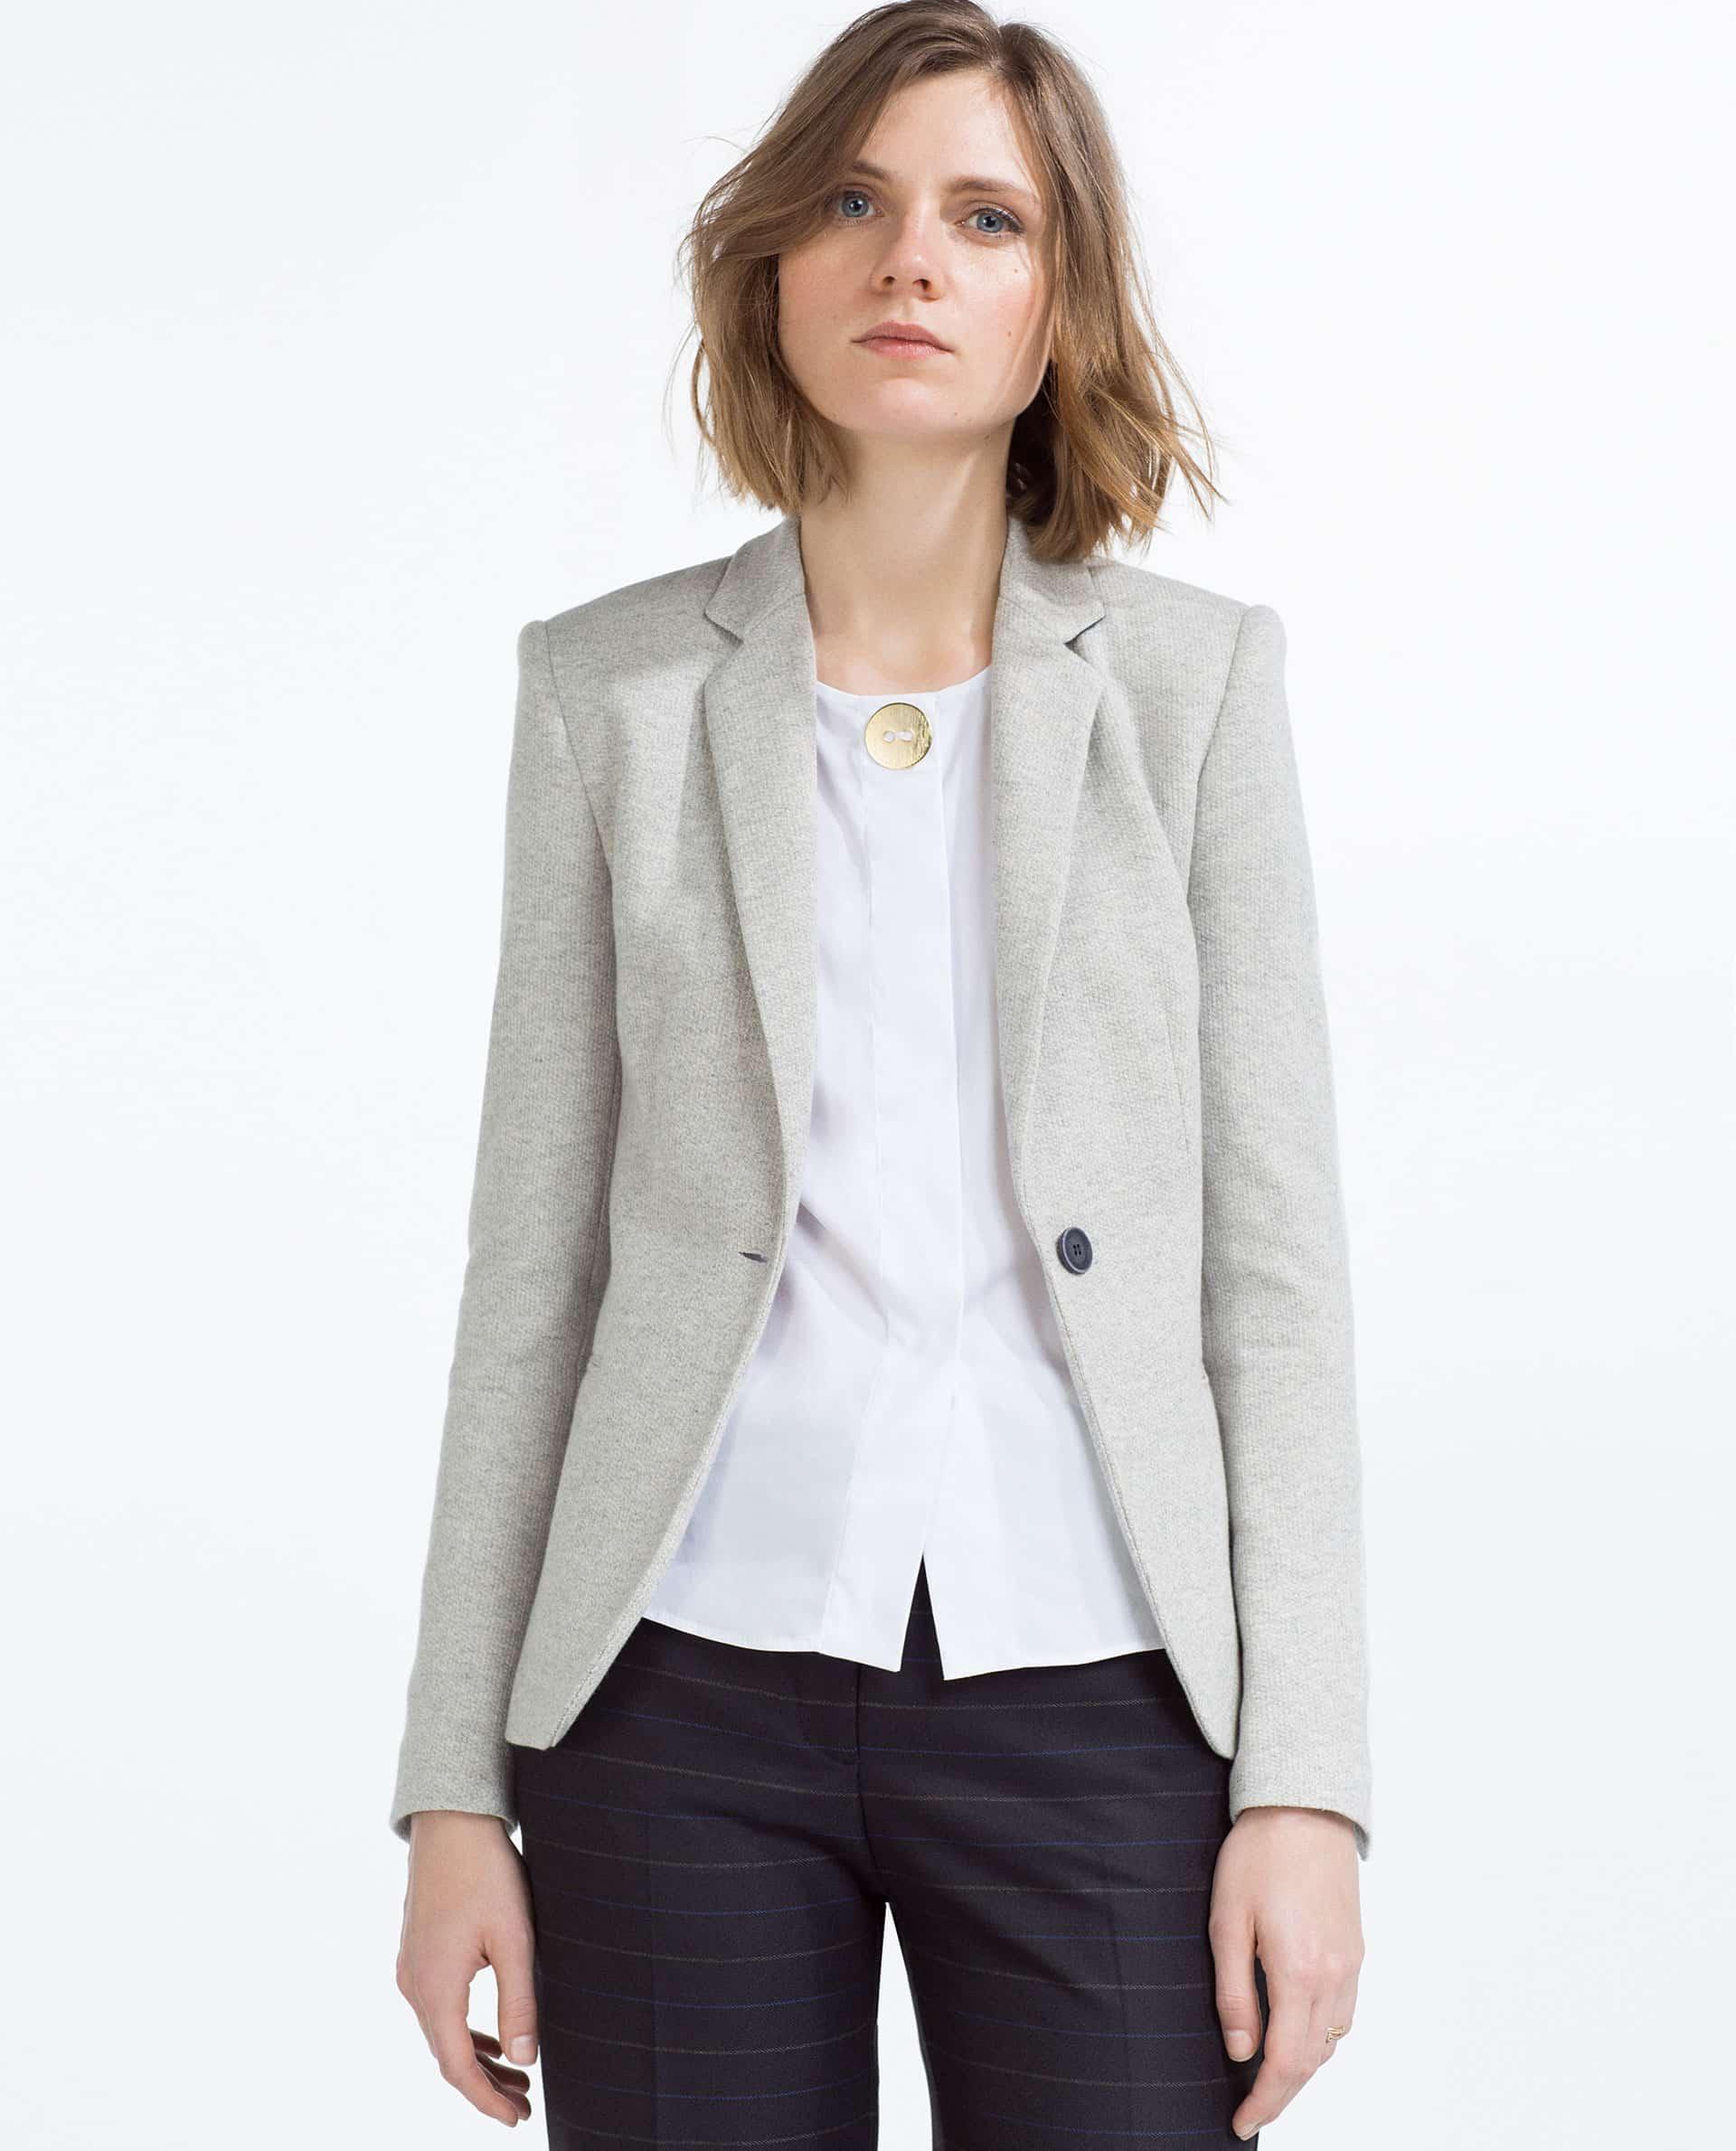 31 Zara catalogo PE 2016